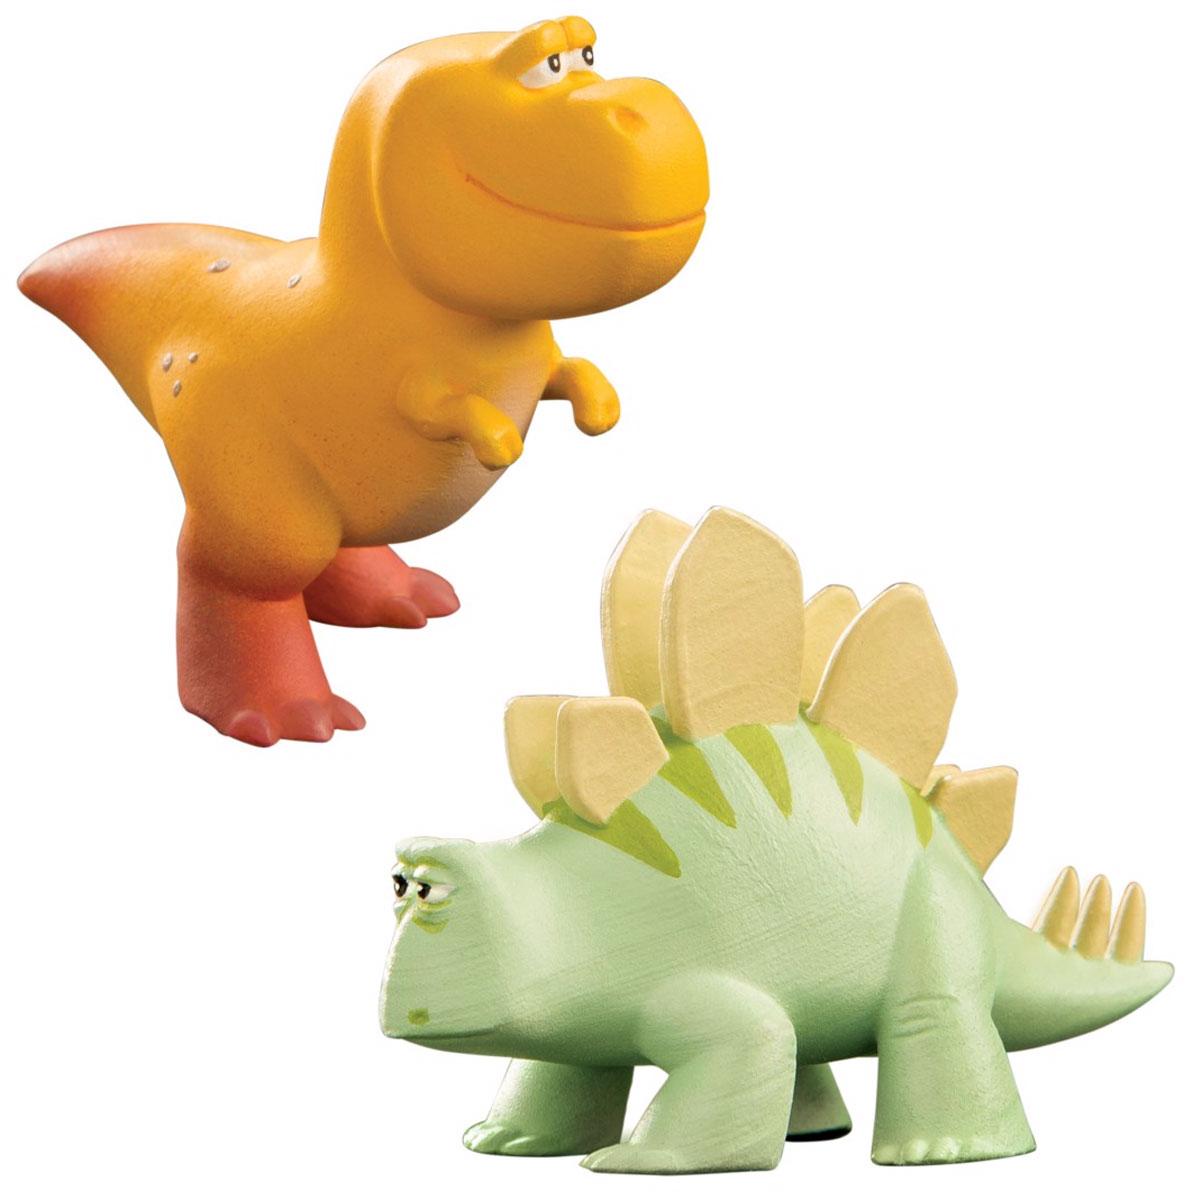 Хороший динозавр Набор фигурок Нэш и Мэри Элис62303Набор фигурок Хороший динозавр включает тираннозавра Нэша и стегозавра Мэри Элис. Игрушки имеют очень милый дизайн: оба динозаврика пухленькие симпатяги, один в один похожие на своих героев из мультфильма. Выполнены из высококачественных нетоксичных материалов, абсолютно безопасных для вашего малыша. Нэш помогает своему отцу Бучу и сестре Рэмси разводить и пасти длиннорогих быков-бизодонов. Мэри Элис - один из смешных второстепенных персонажей фильма. Фигурки прекрасно детализированы и приближены к своему персонажу в мультике, что, несомненно, делает игру с такой игрушкой наиболее интересной и увлекательной.